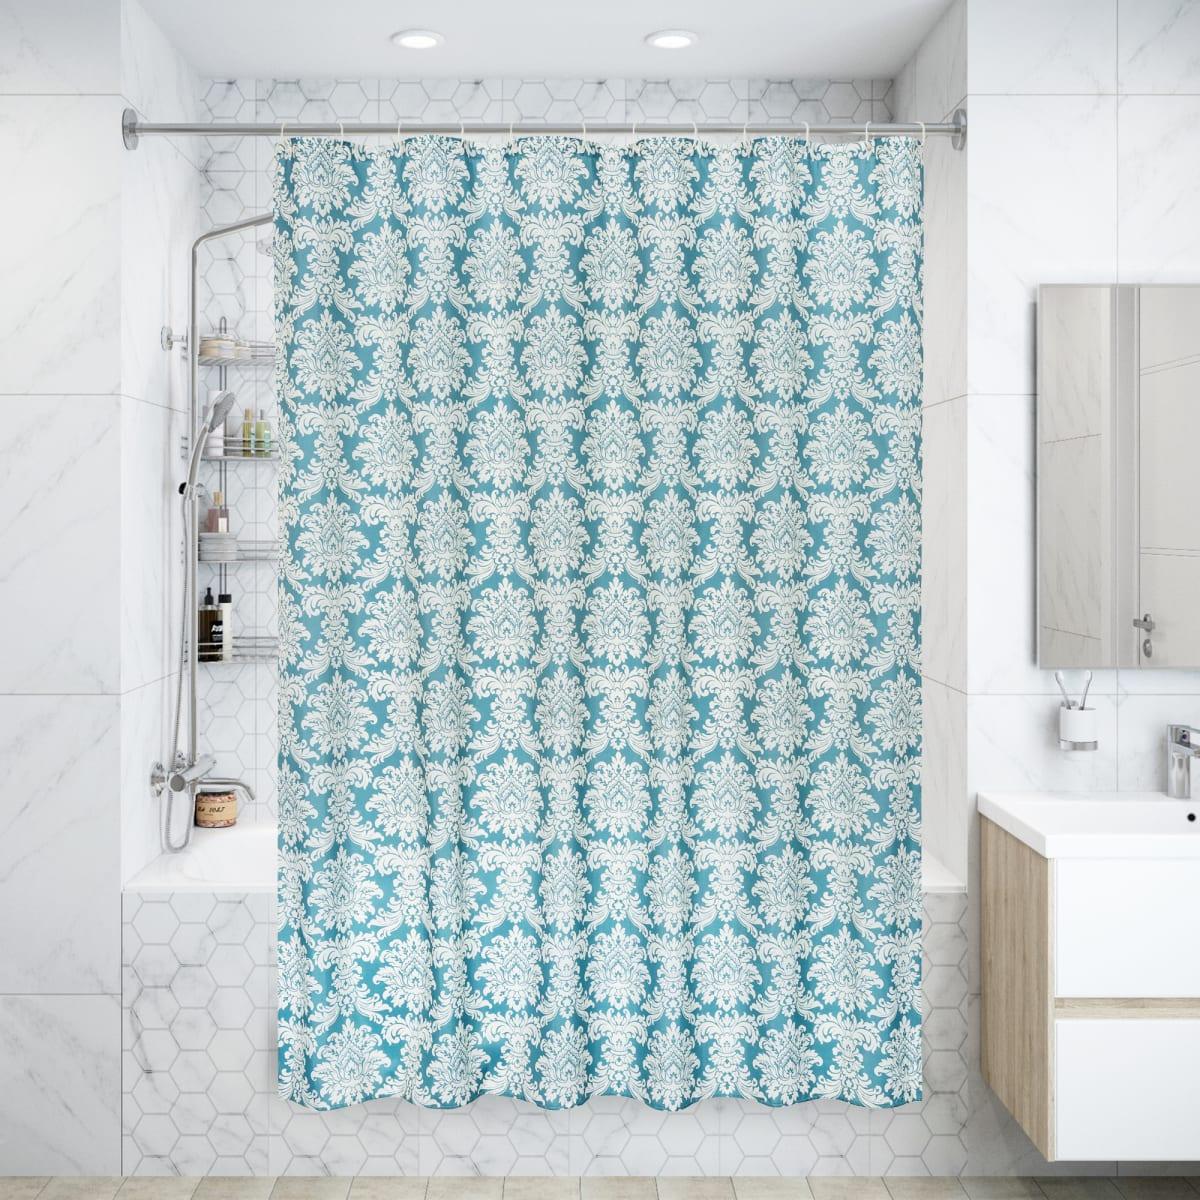 Штора для ванны Ardea SWC-90 с кольцами 180х200 см, полиэстер, цвет белый/серый